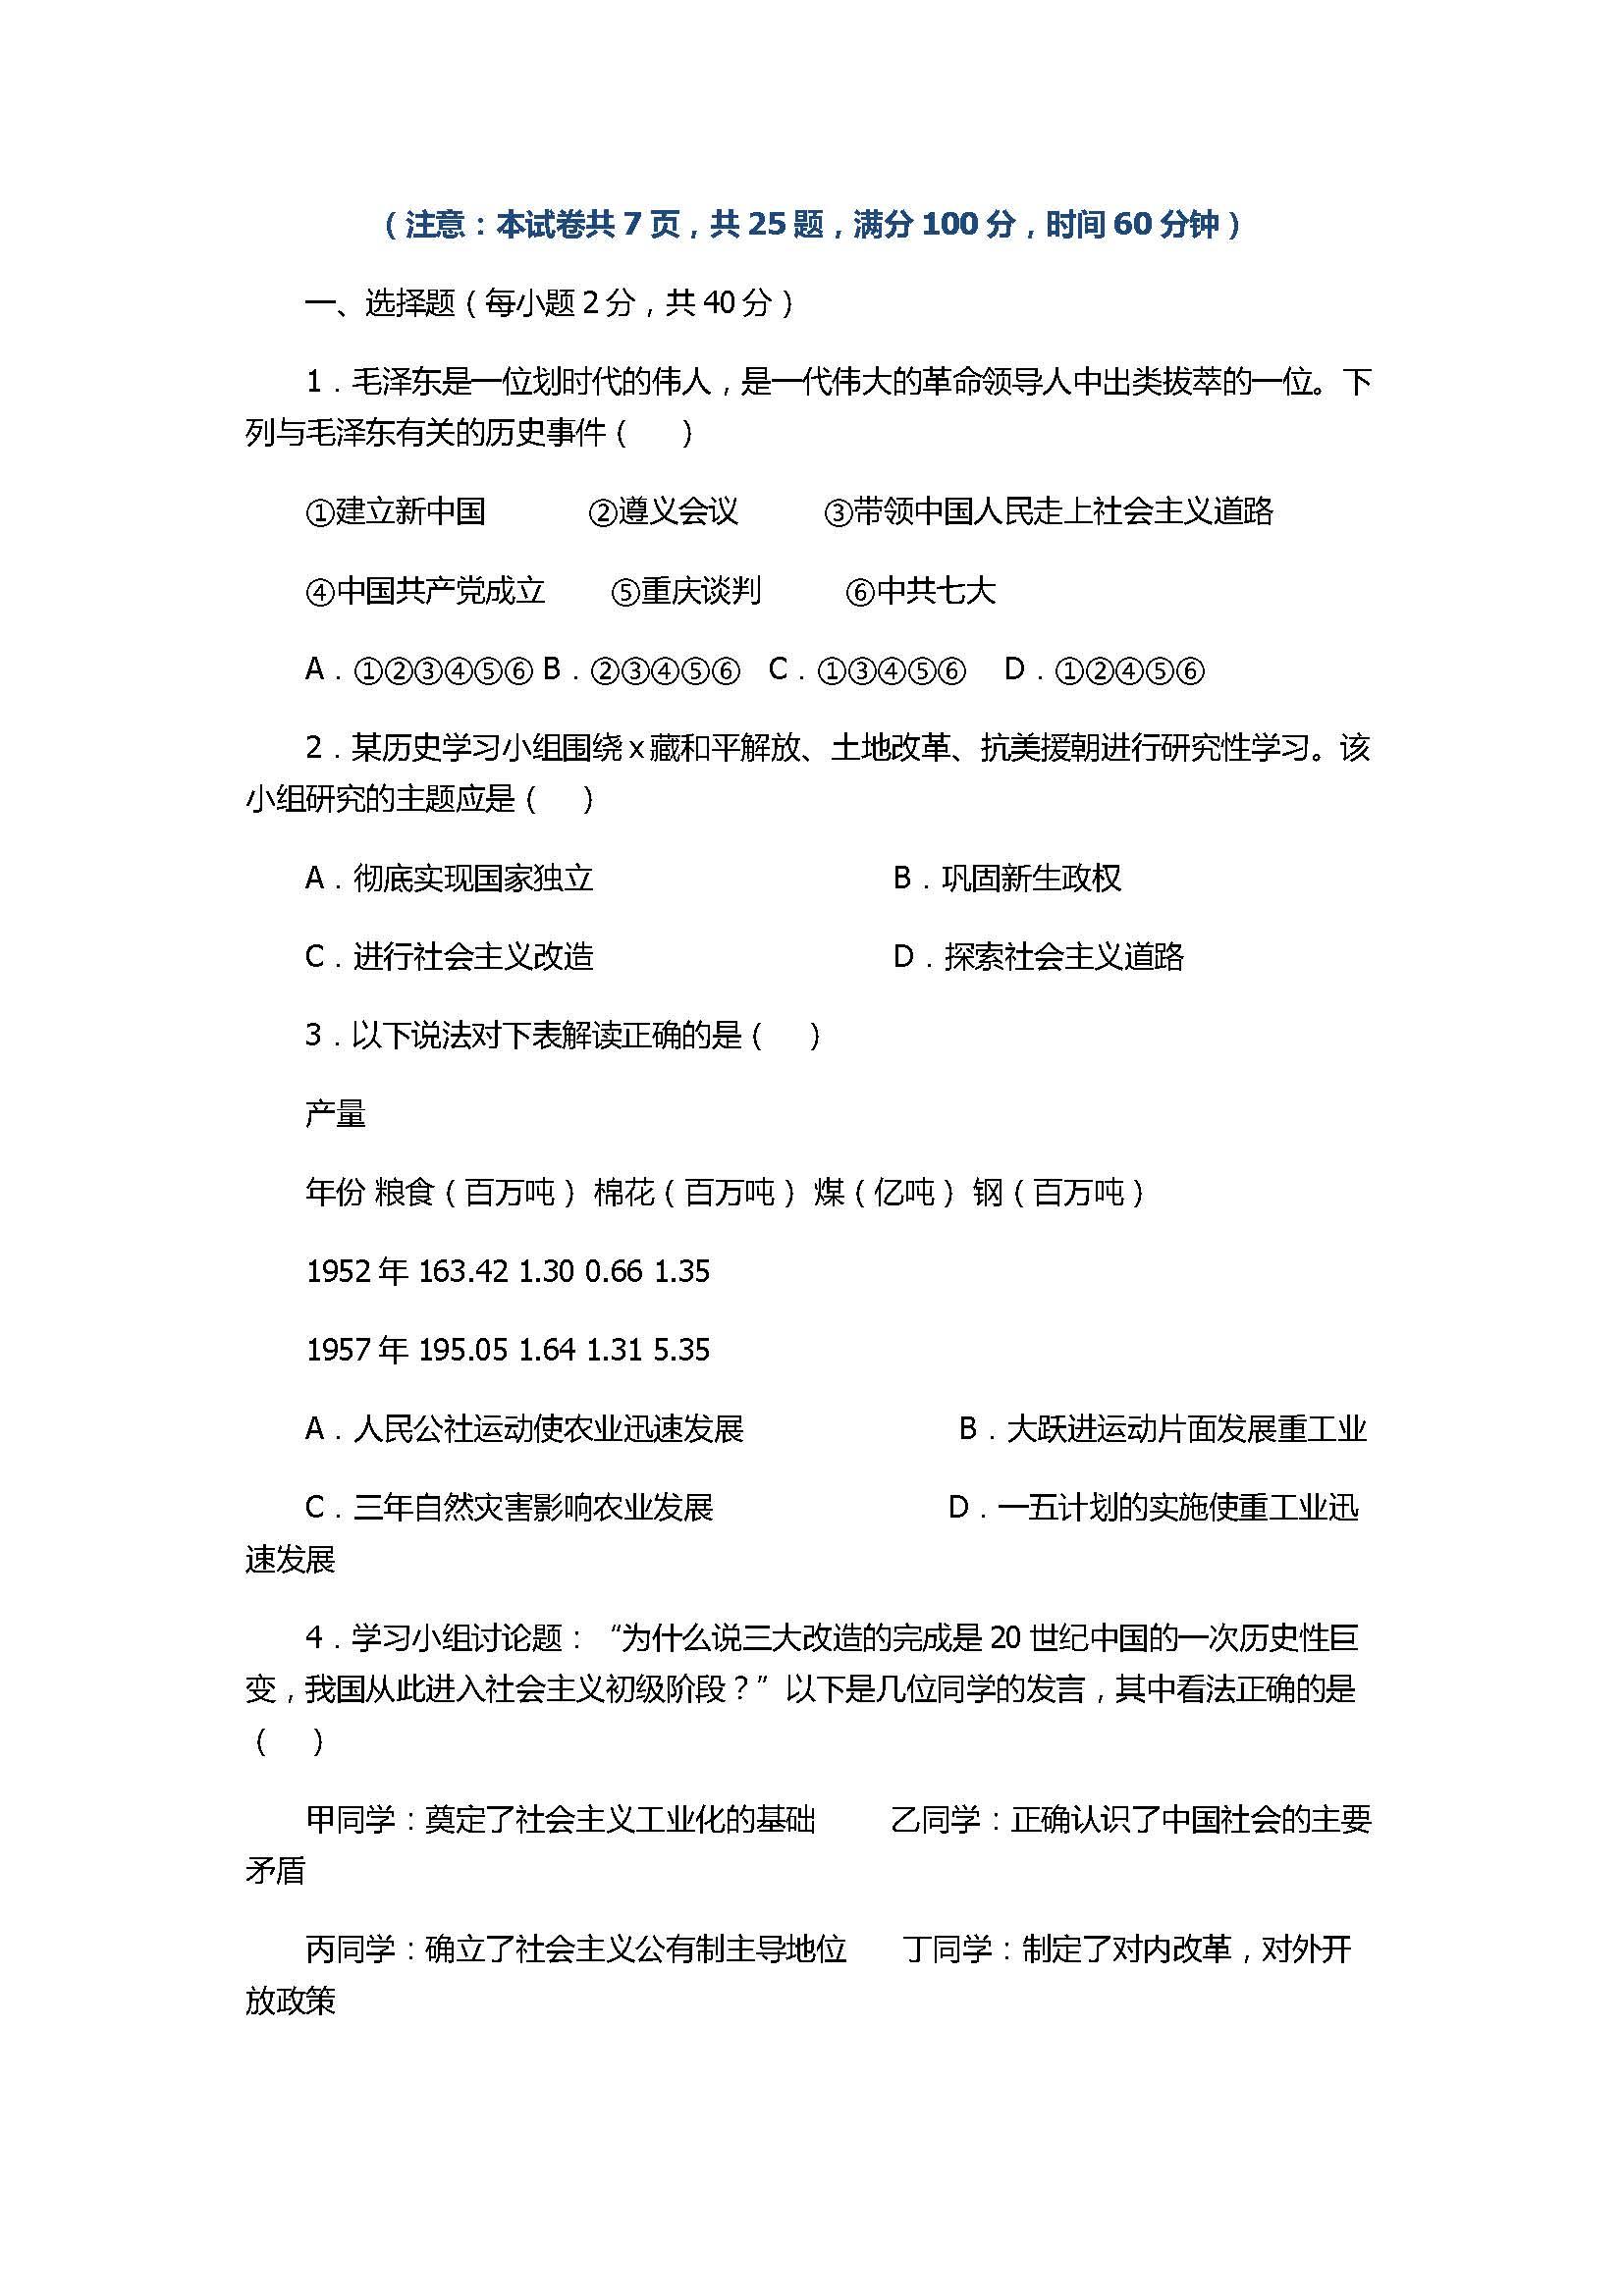 2017初二年级下册历史期末试题含答案(陕西省西北大学附属中学)